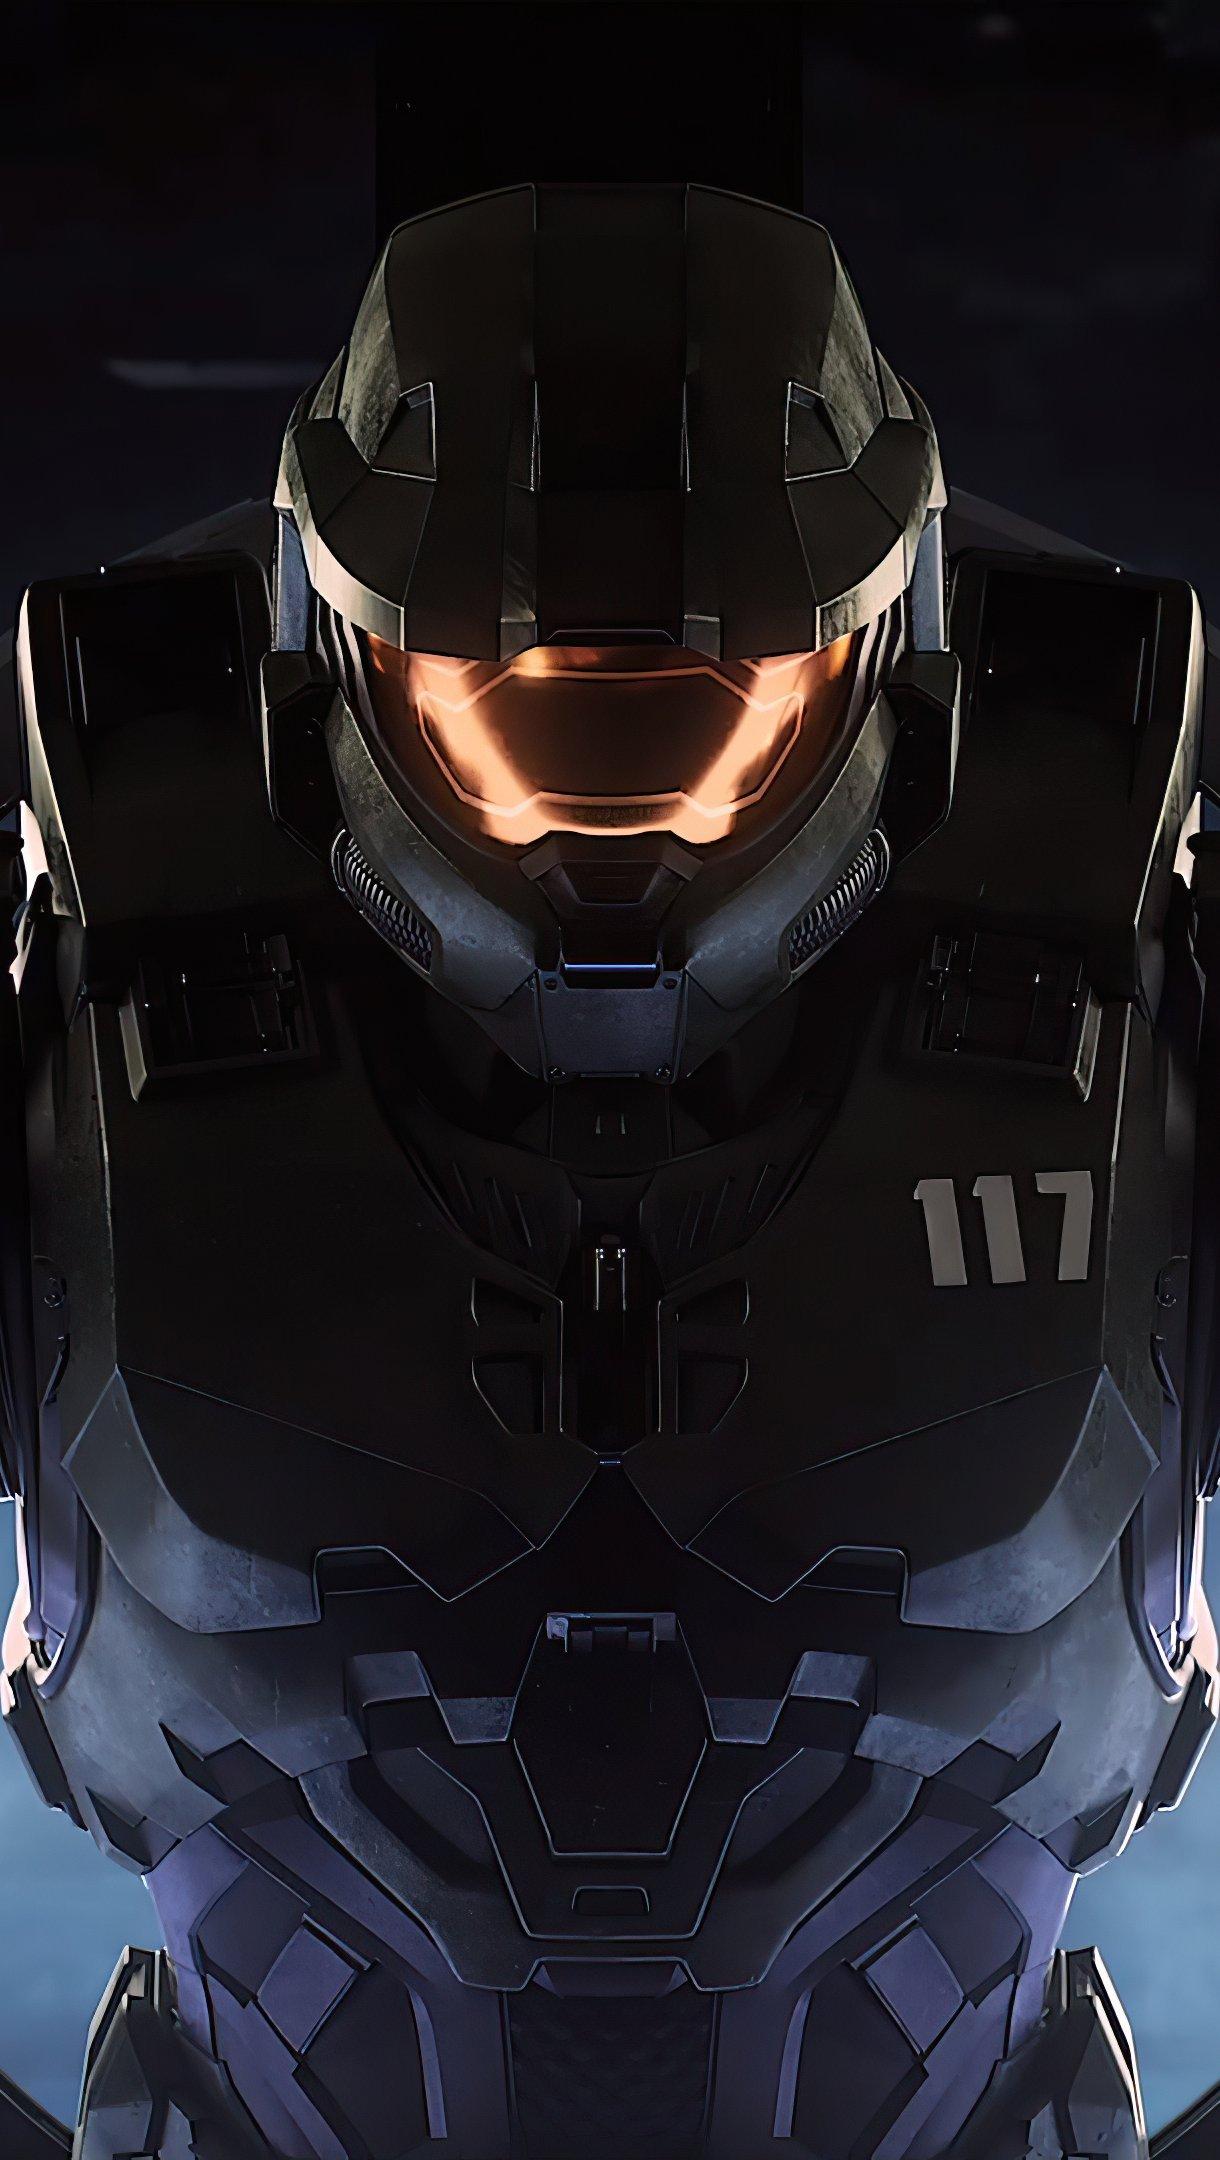 Fondos de pantalla Soldado de Halo infinite 2020 Vertical